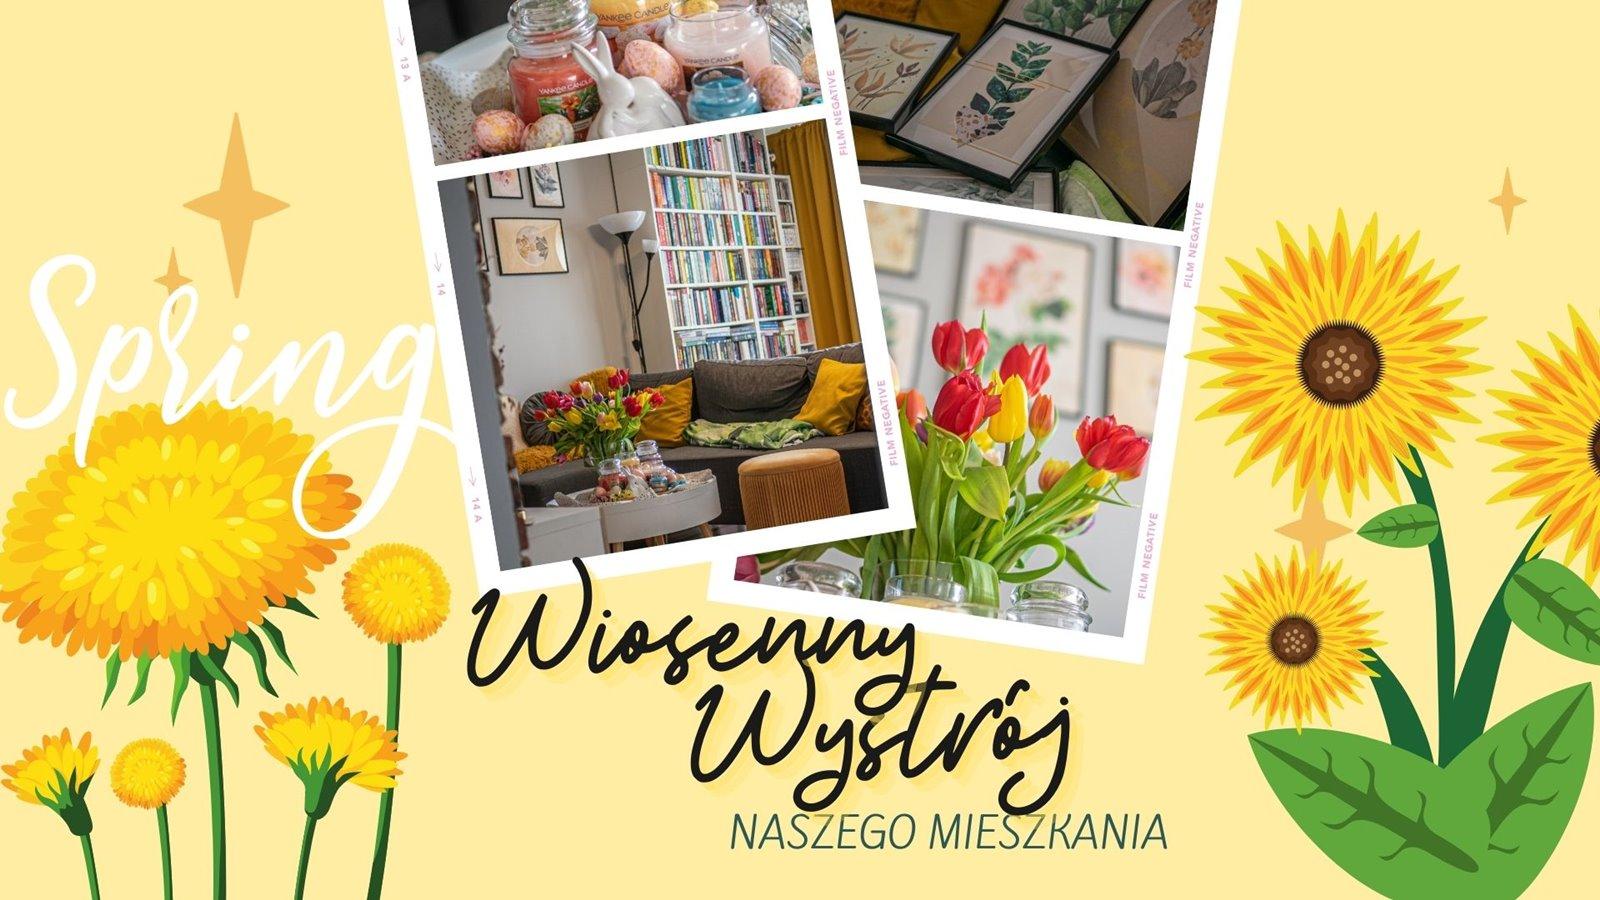 1 jak udekorować mieszkanie na wielkanoc pomysły na wystrój salonu po remoncie kolor żółty kwiatowa galeria plakatów zółte zasłony kolorowe poduszki świece yankee candle opinia